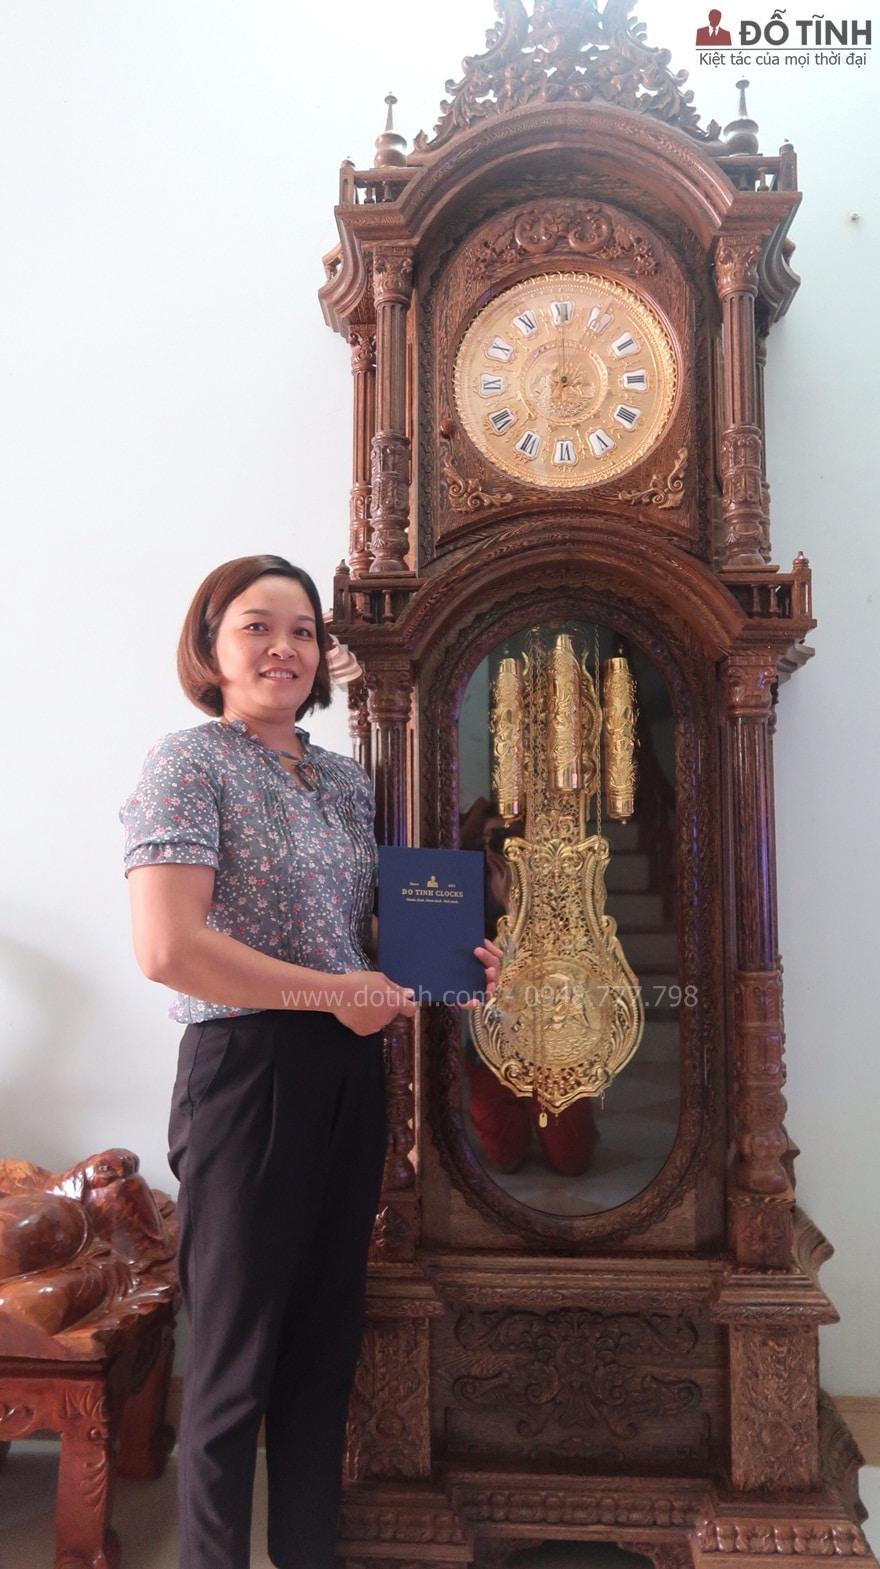 Bàn giao đồng hồ cây gỗ mun đuôi công tại Điện Biên - Ảnh: Internet